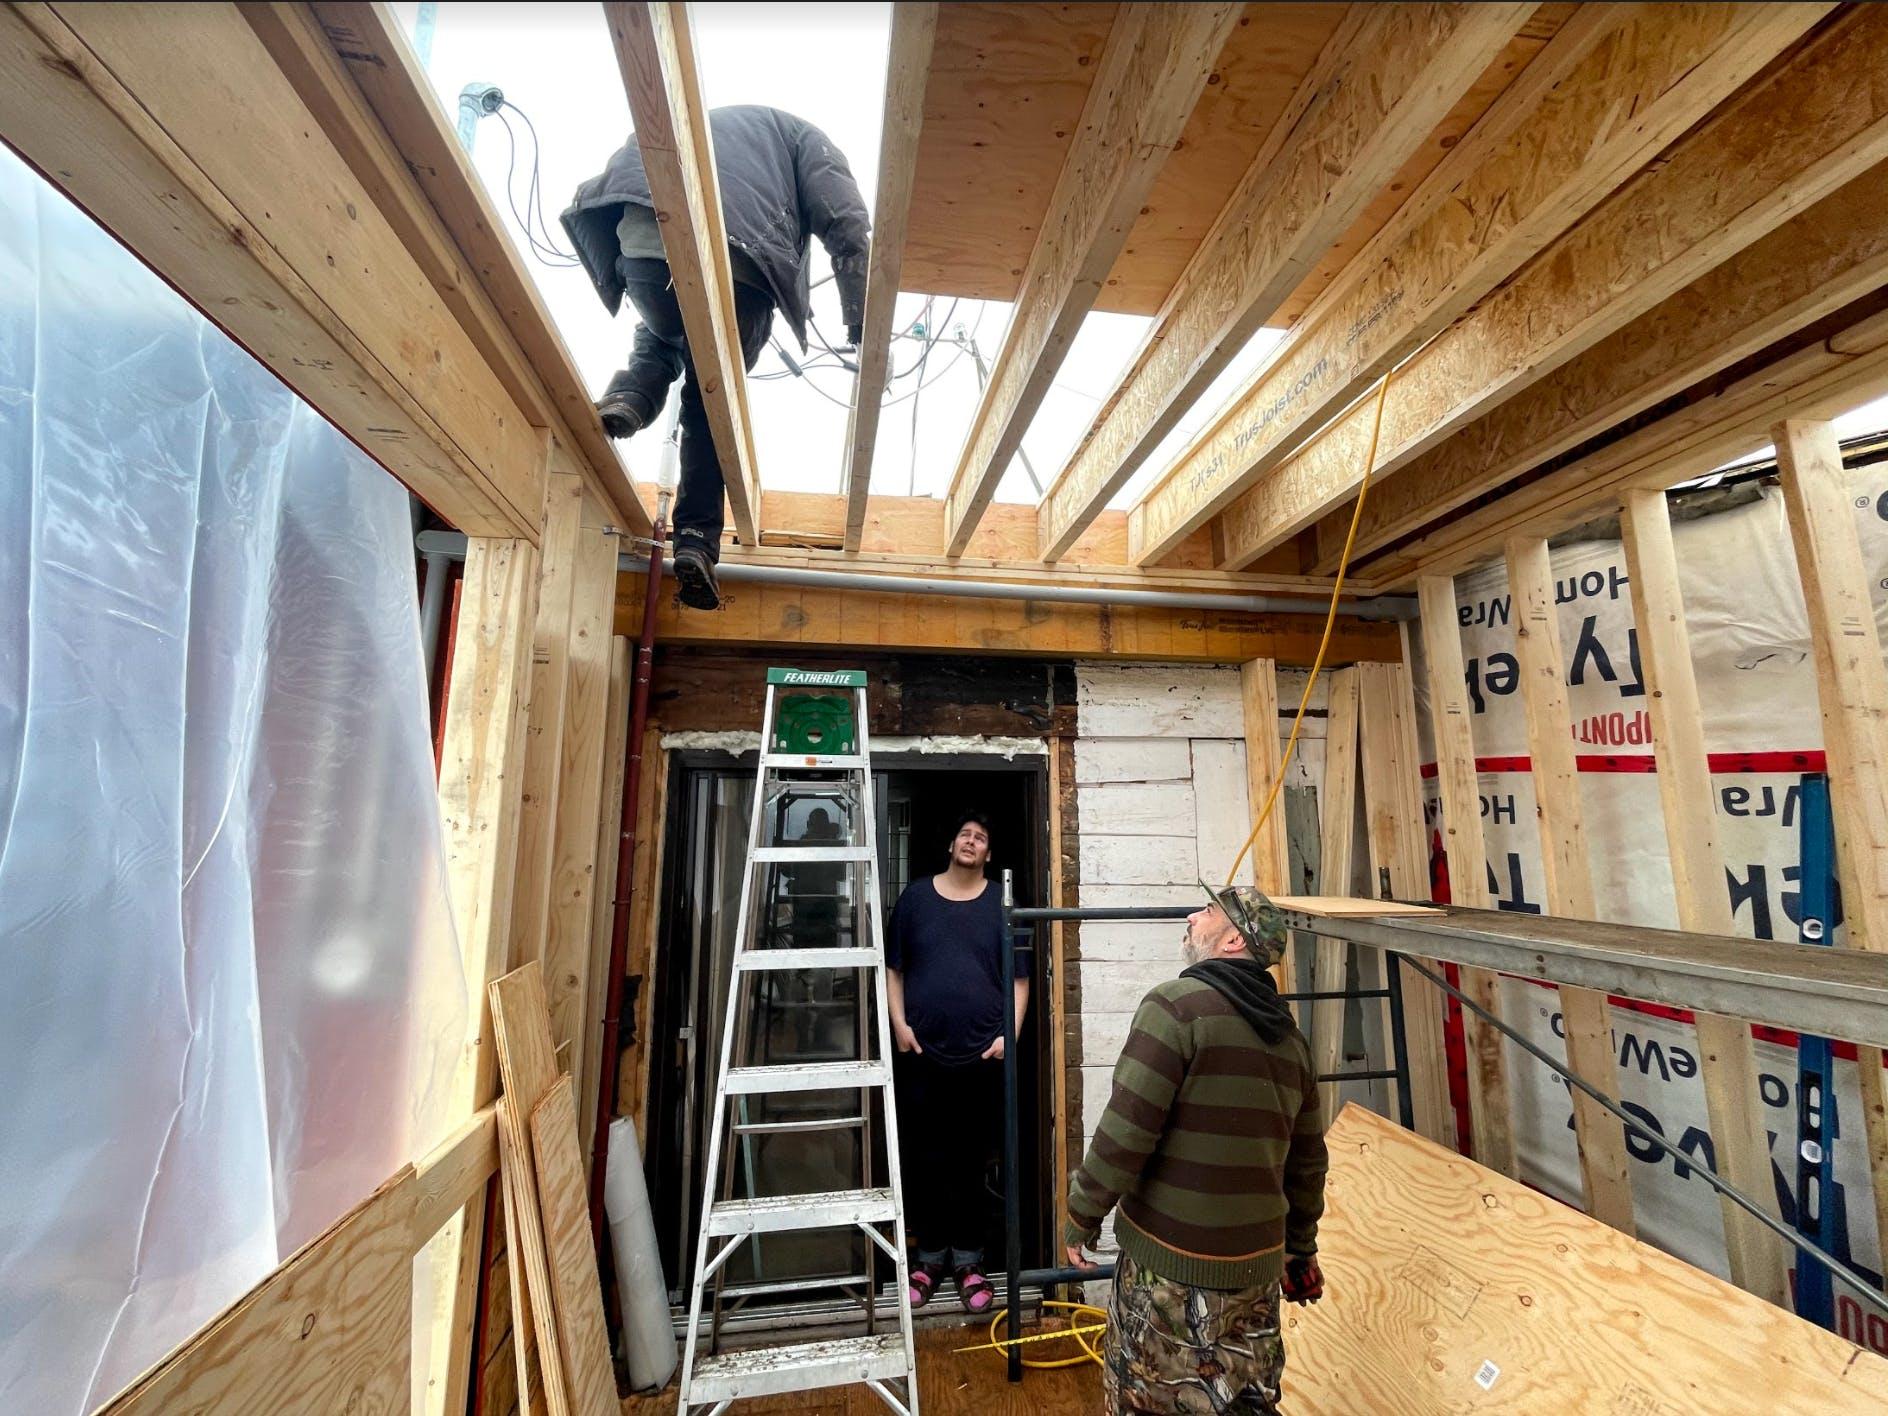 First floor extension in progress